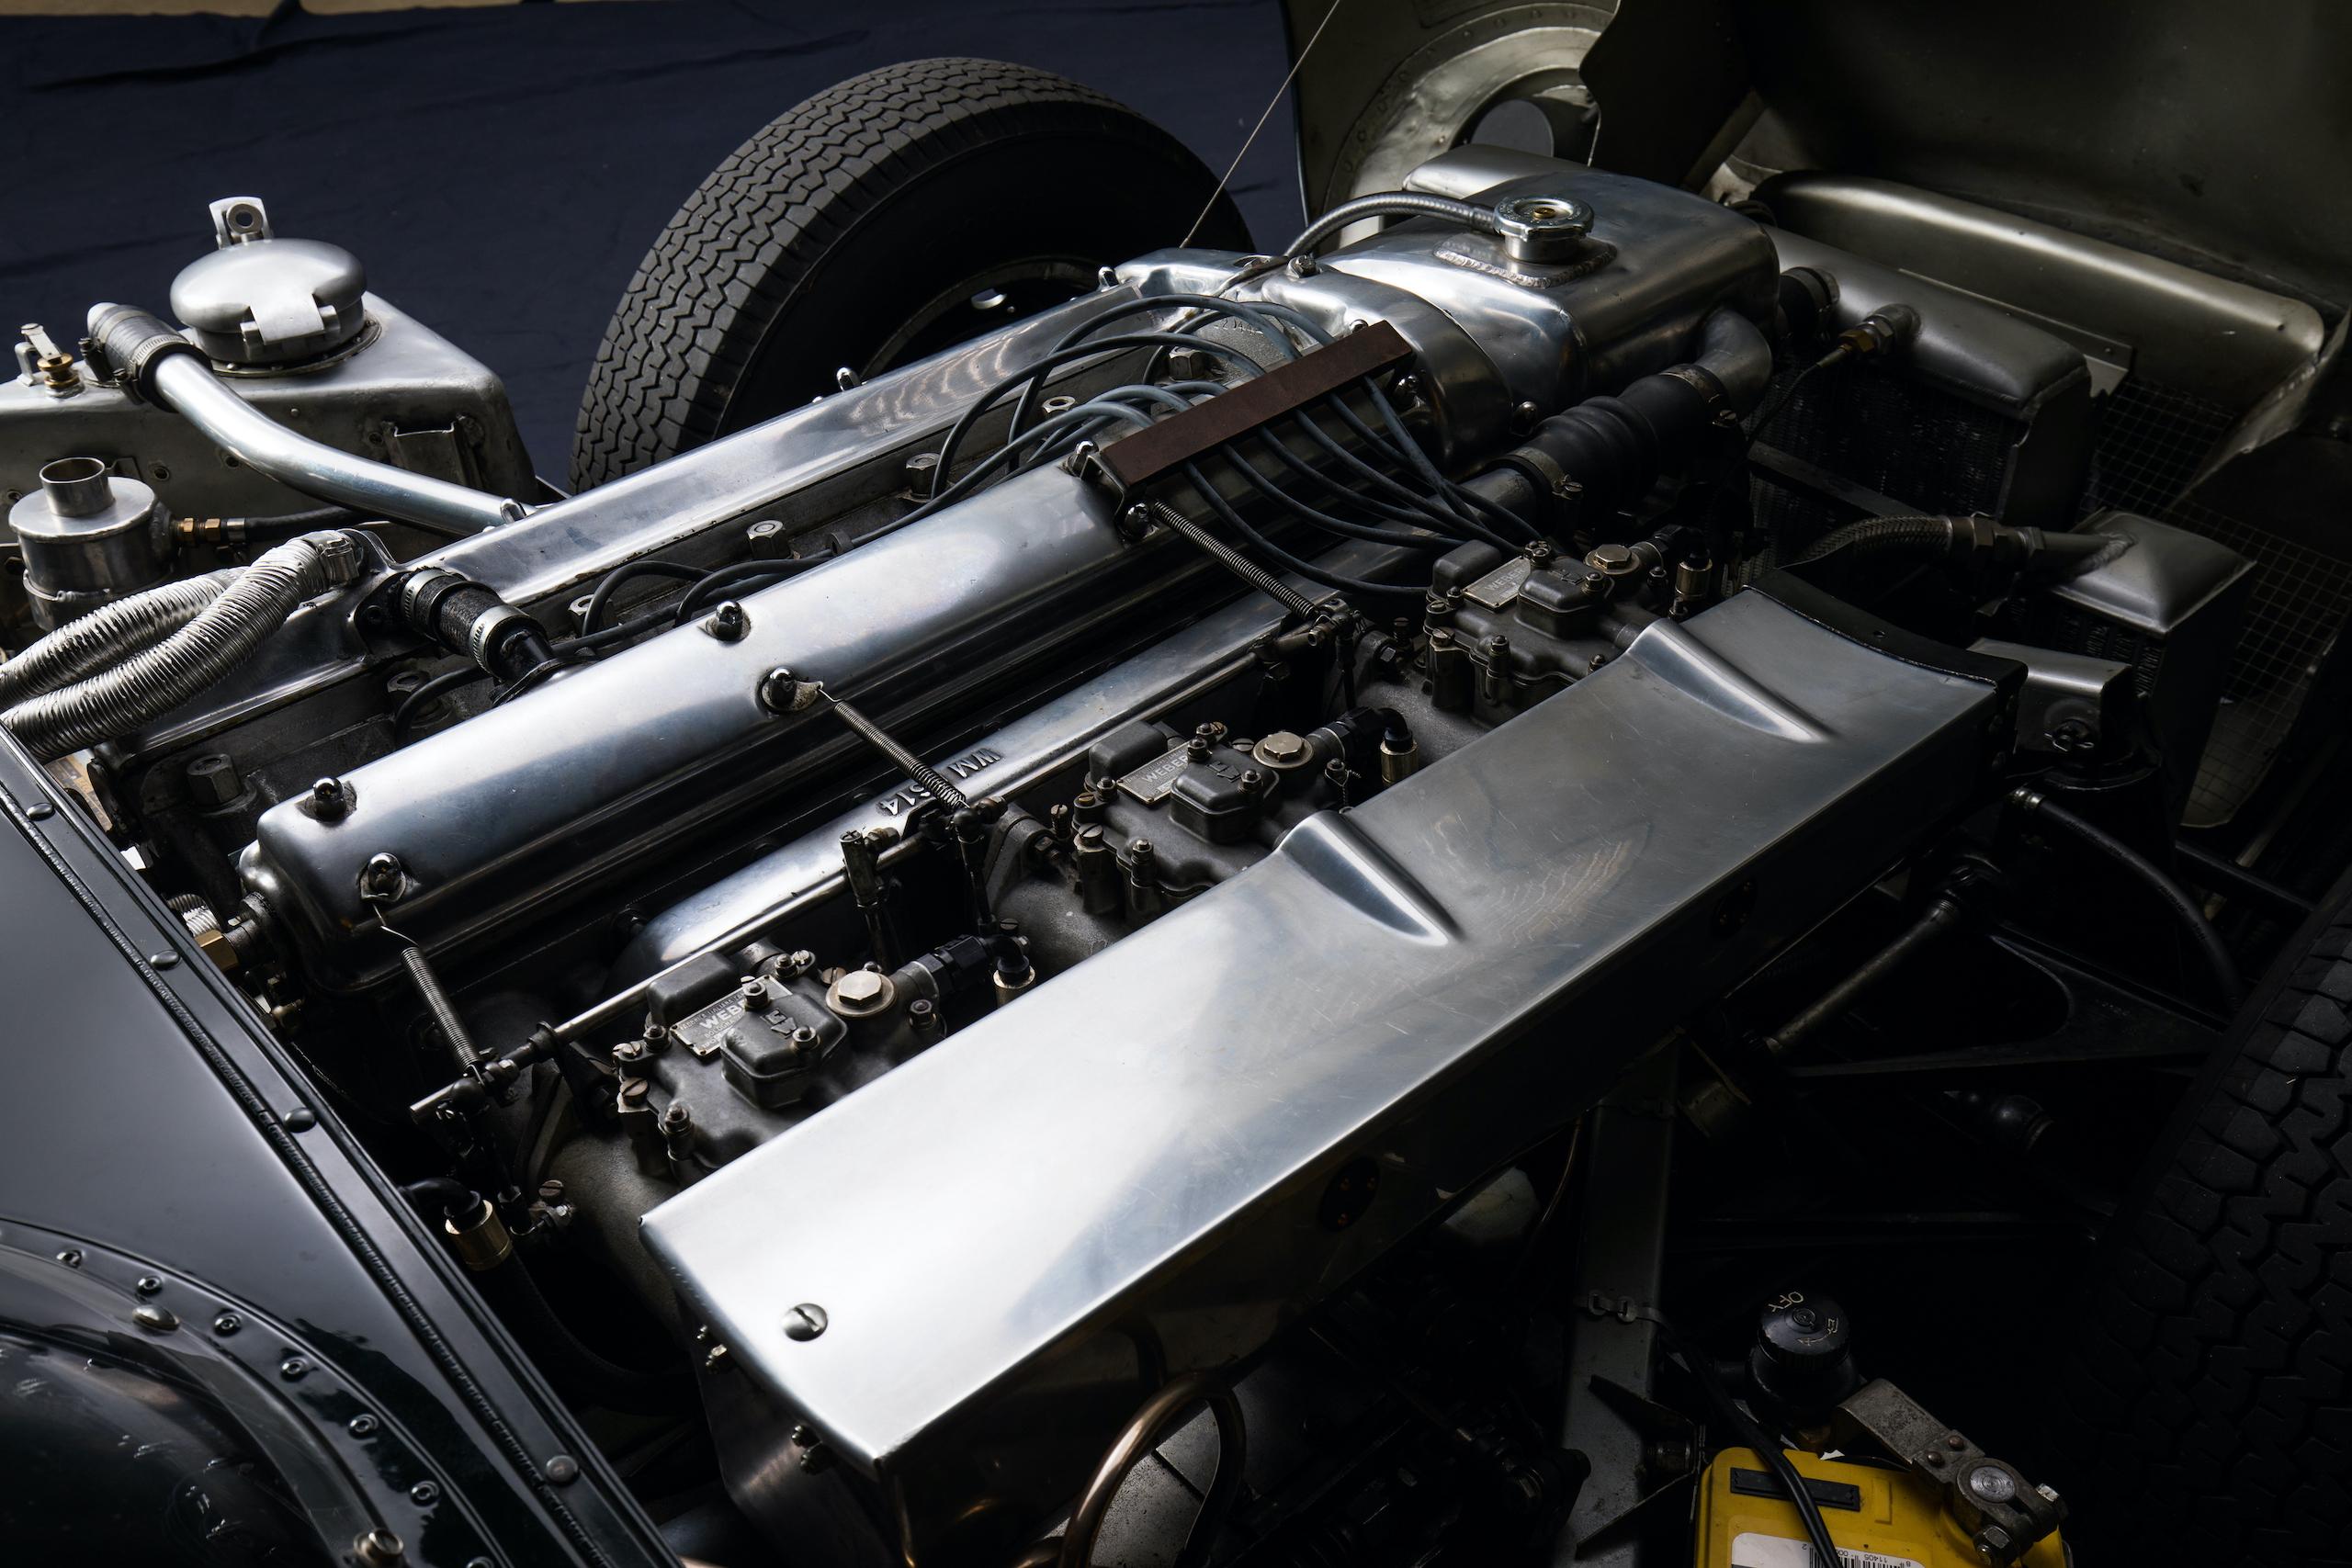 jaguar d-type engine